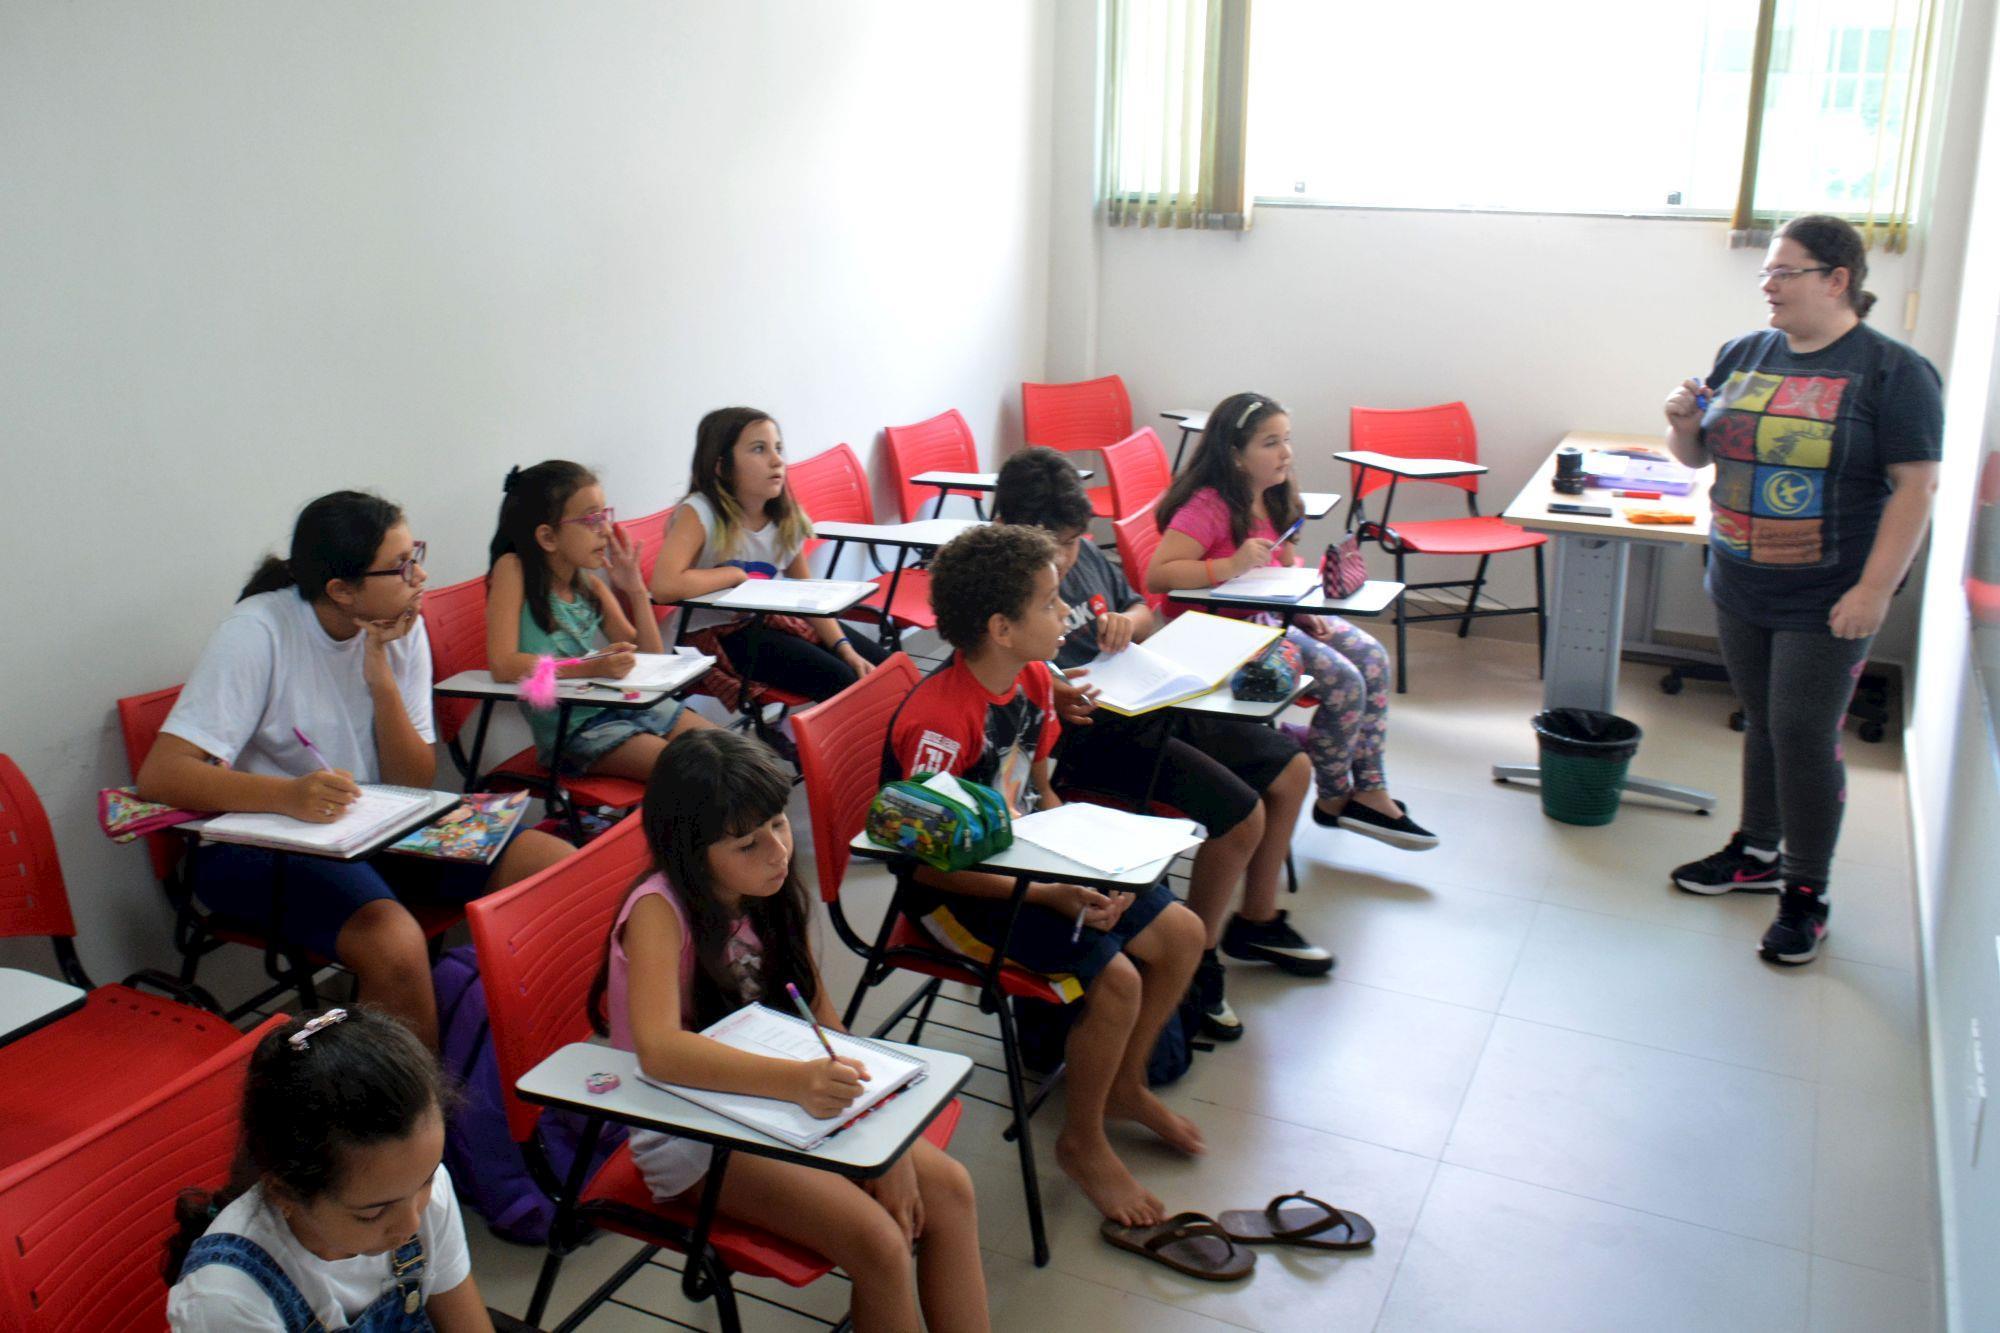 ingles, kids, ariana, flavio, cursos, Foguinho/ Imprensa SMetal